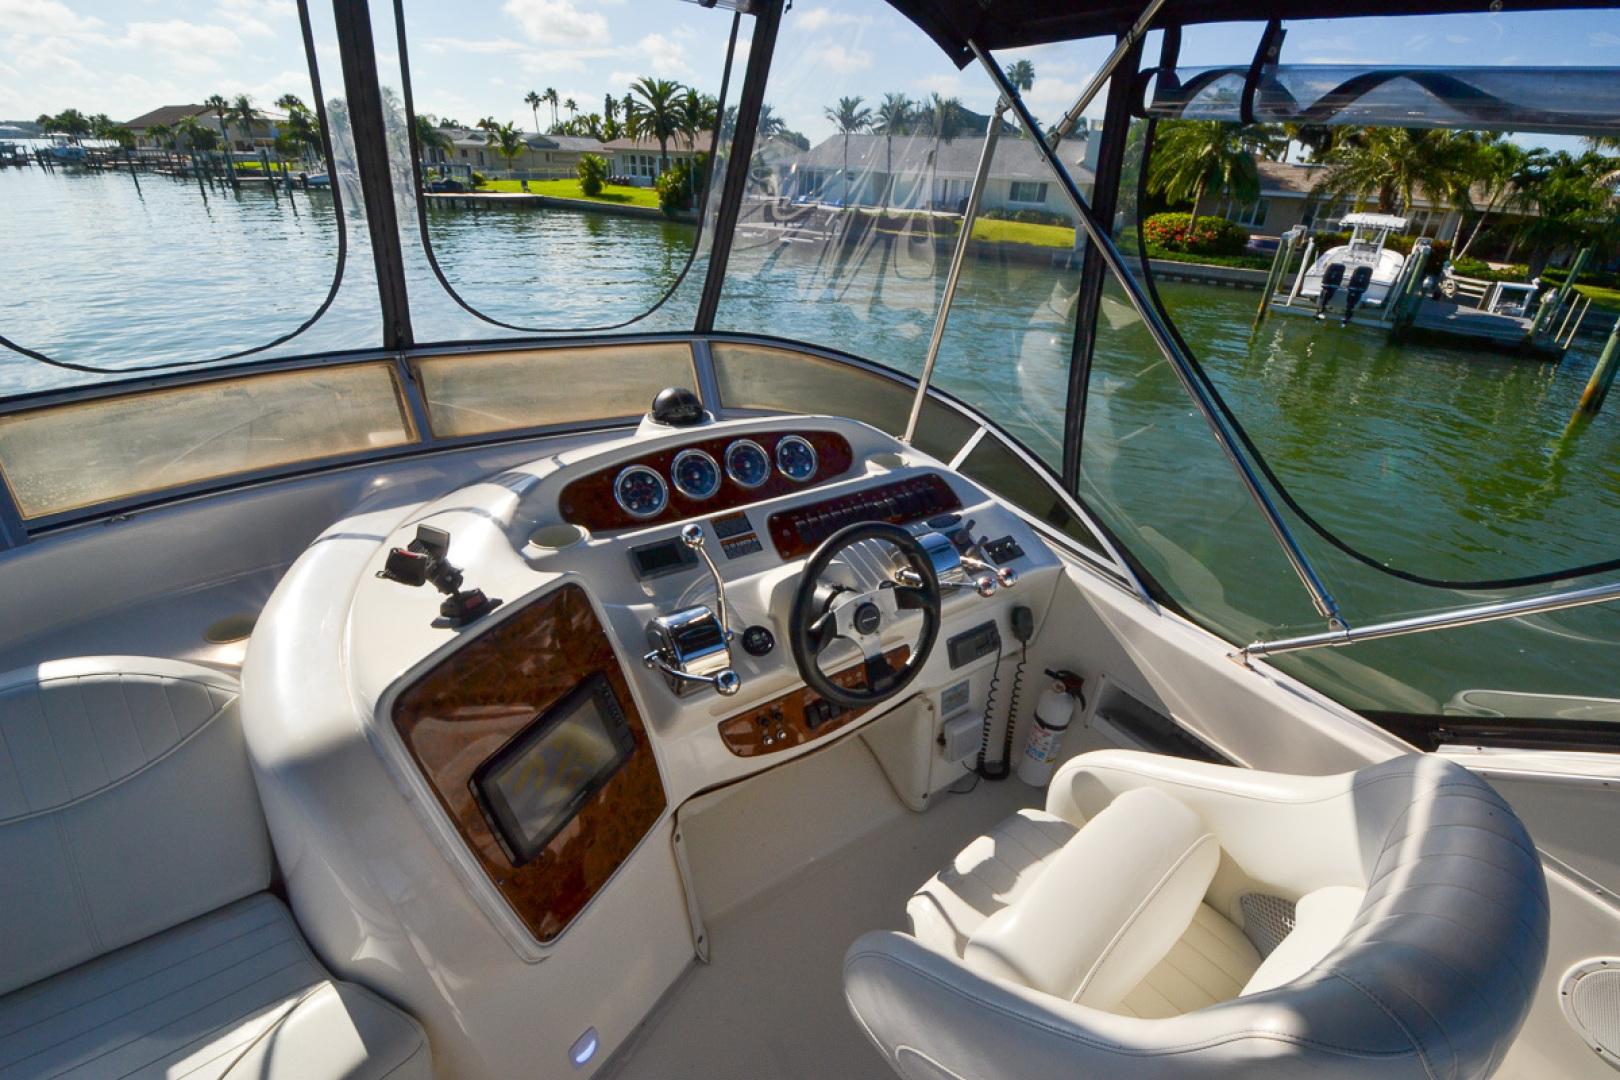 Meridian-341 Sedan 2004-Sea Harmony Belleair Beach-Florida-United States-1496624 | Thumbnail